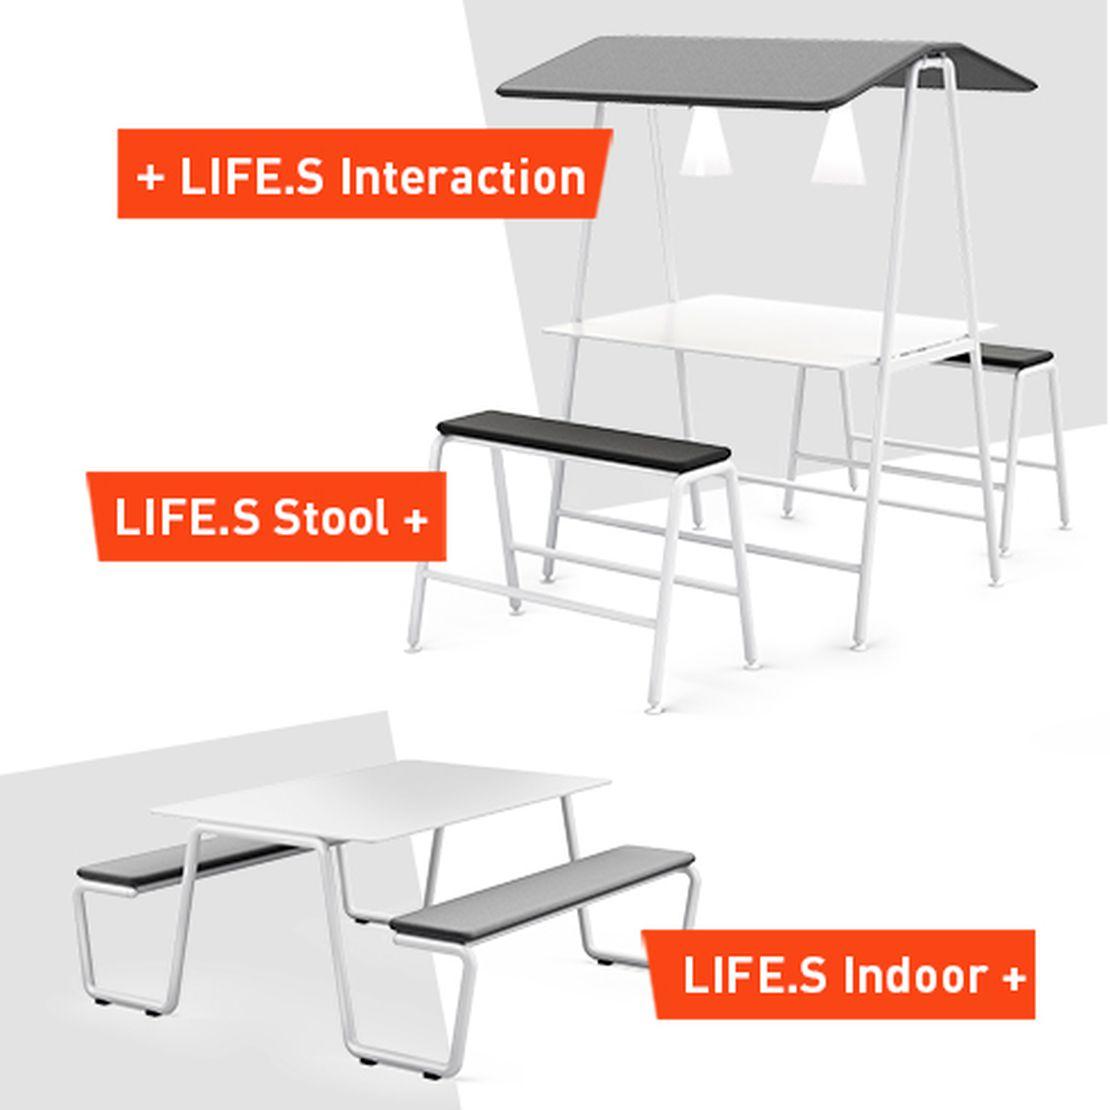 Erweiterung des Tischprogramms LIFE.S durch Lösungen für spontane Besprechungen.